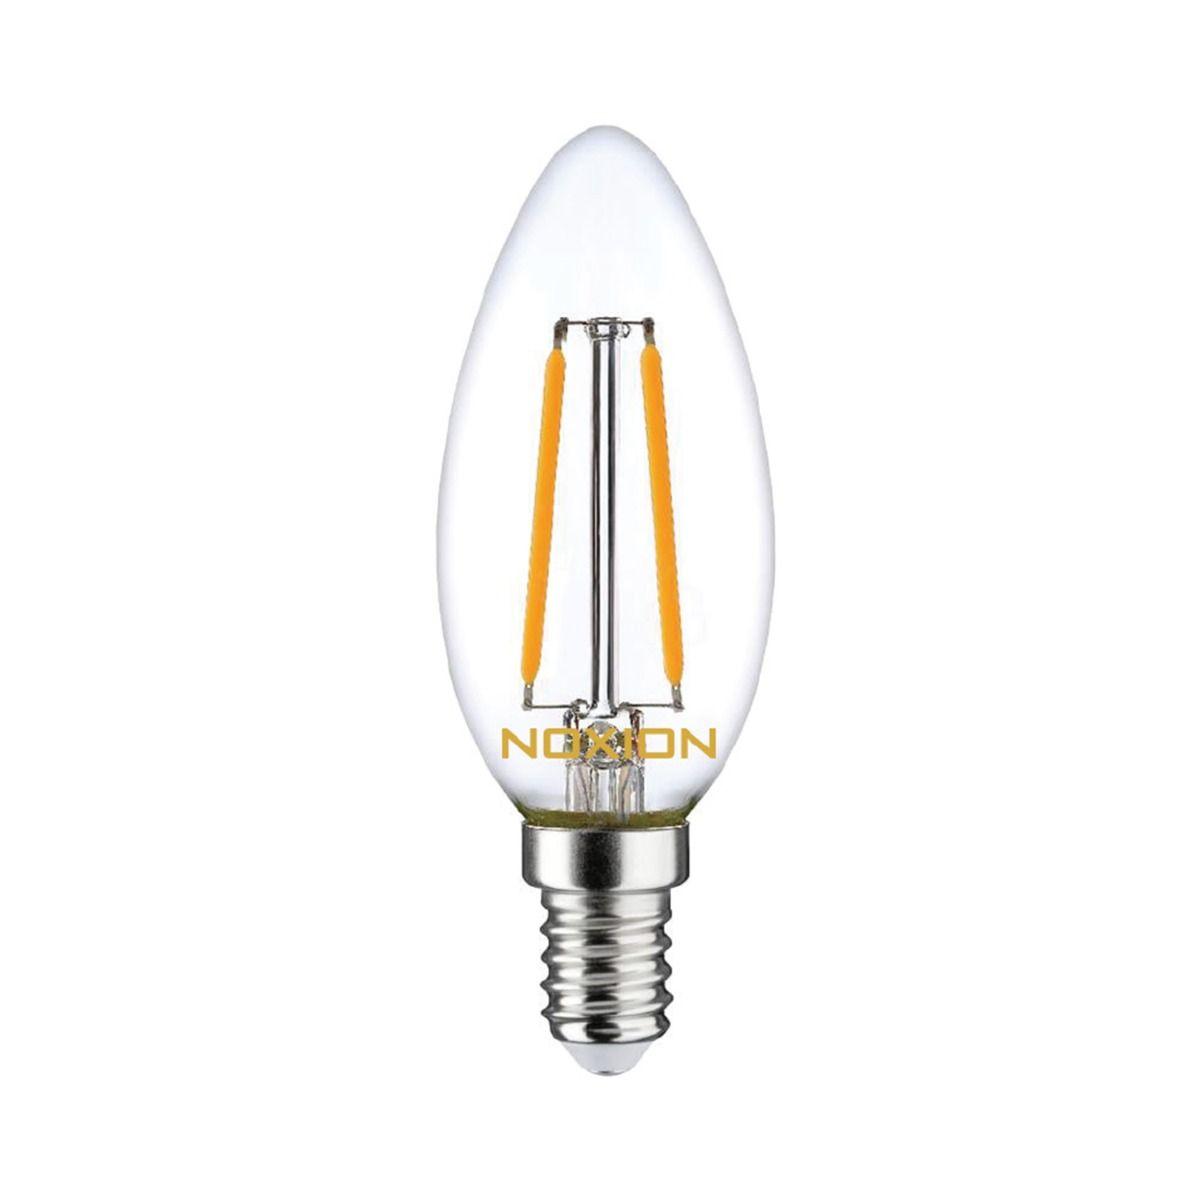 Noxion Lucent filament LED Kerte B35 E14 2.5W 250lm 827   dæmpbar - ekstra varm hvid - erstatter 25W